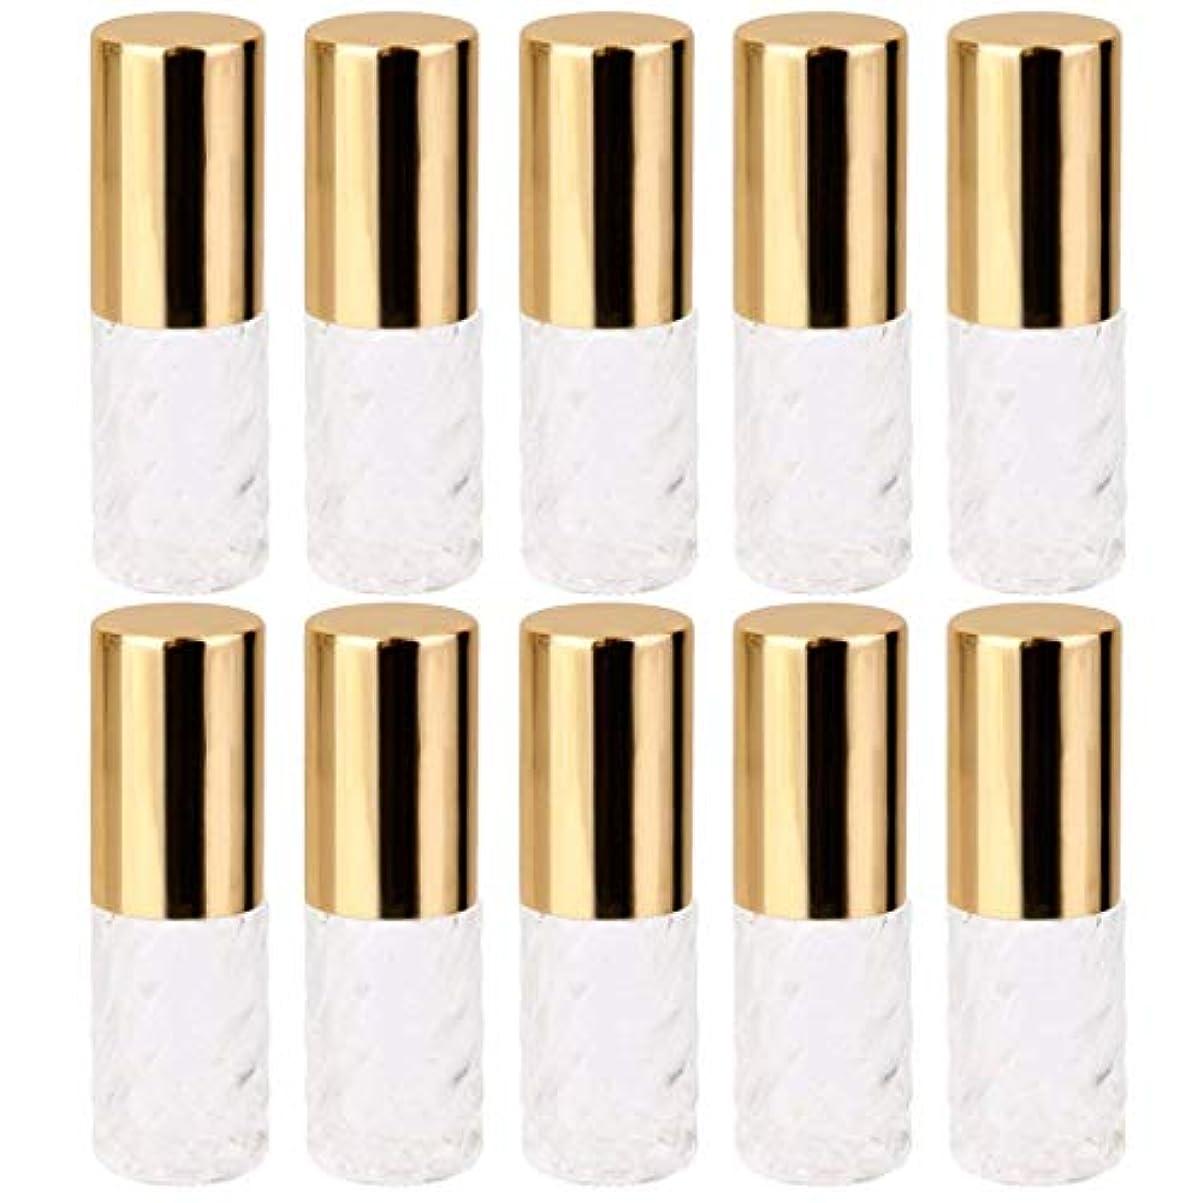 天国蒸発媒染剤10個 5ml 透明 交換 旅行 空 ロールオン ガラス 香水瓶 容器 コスメ 詰替え 便利